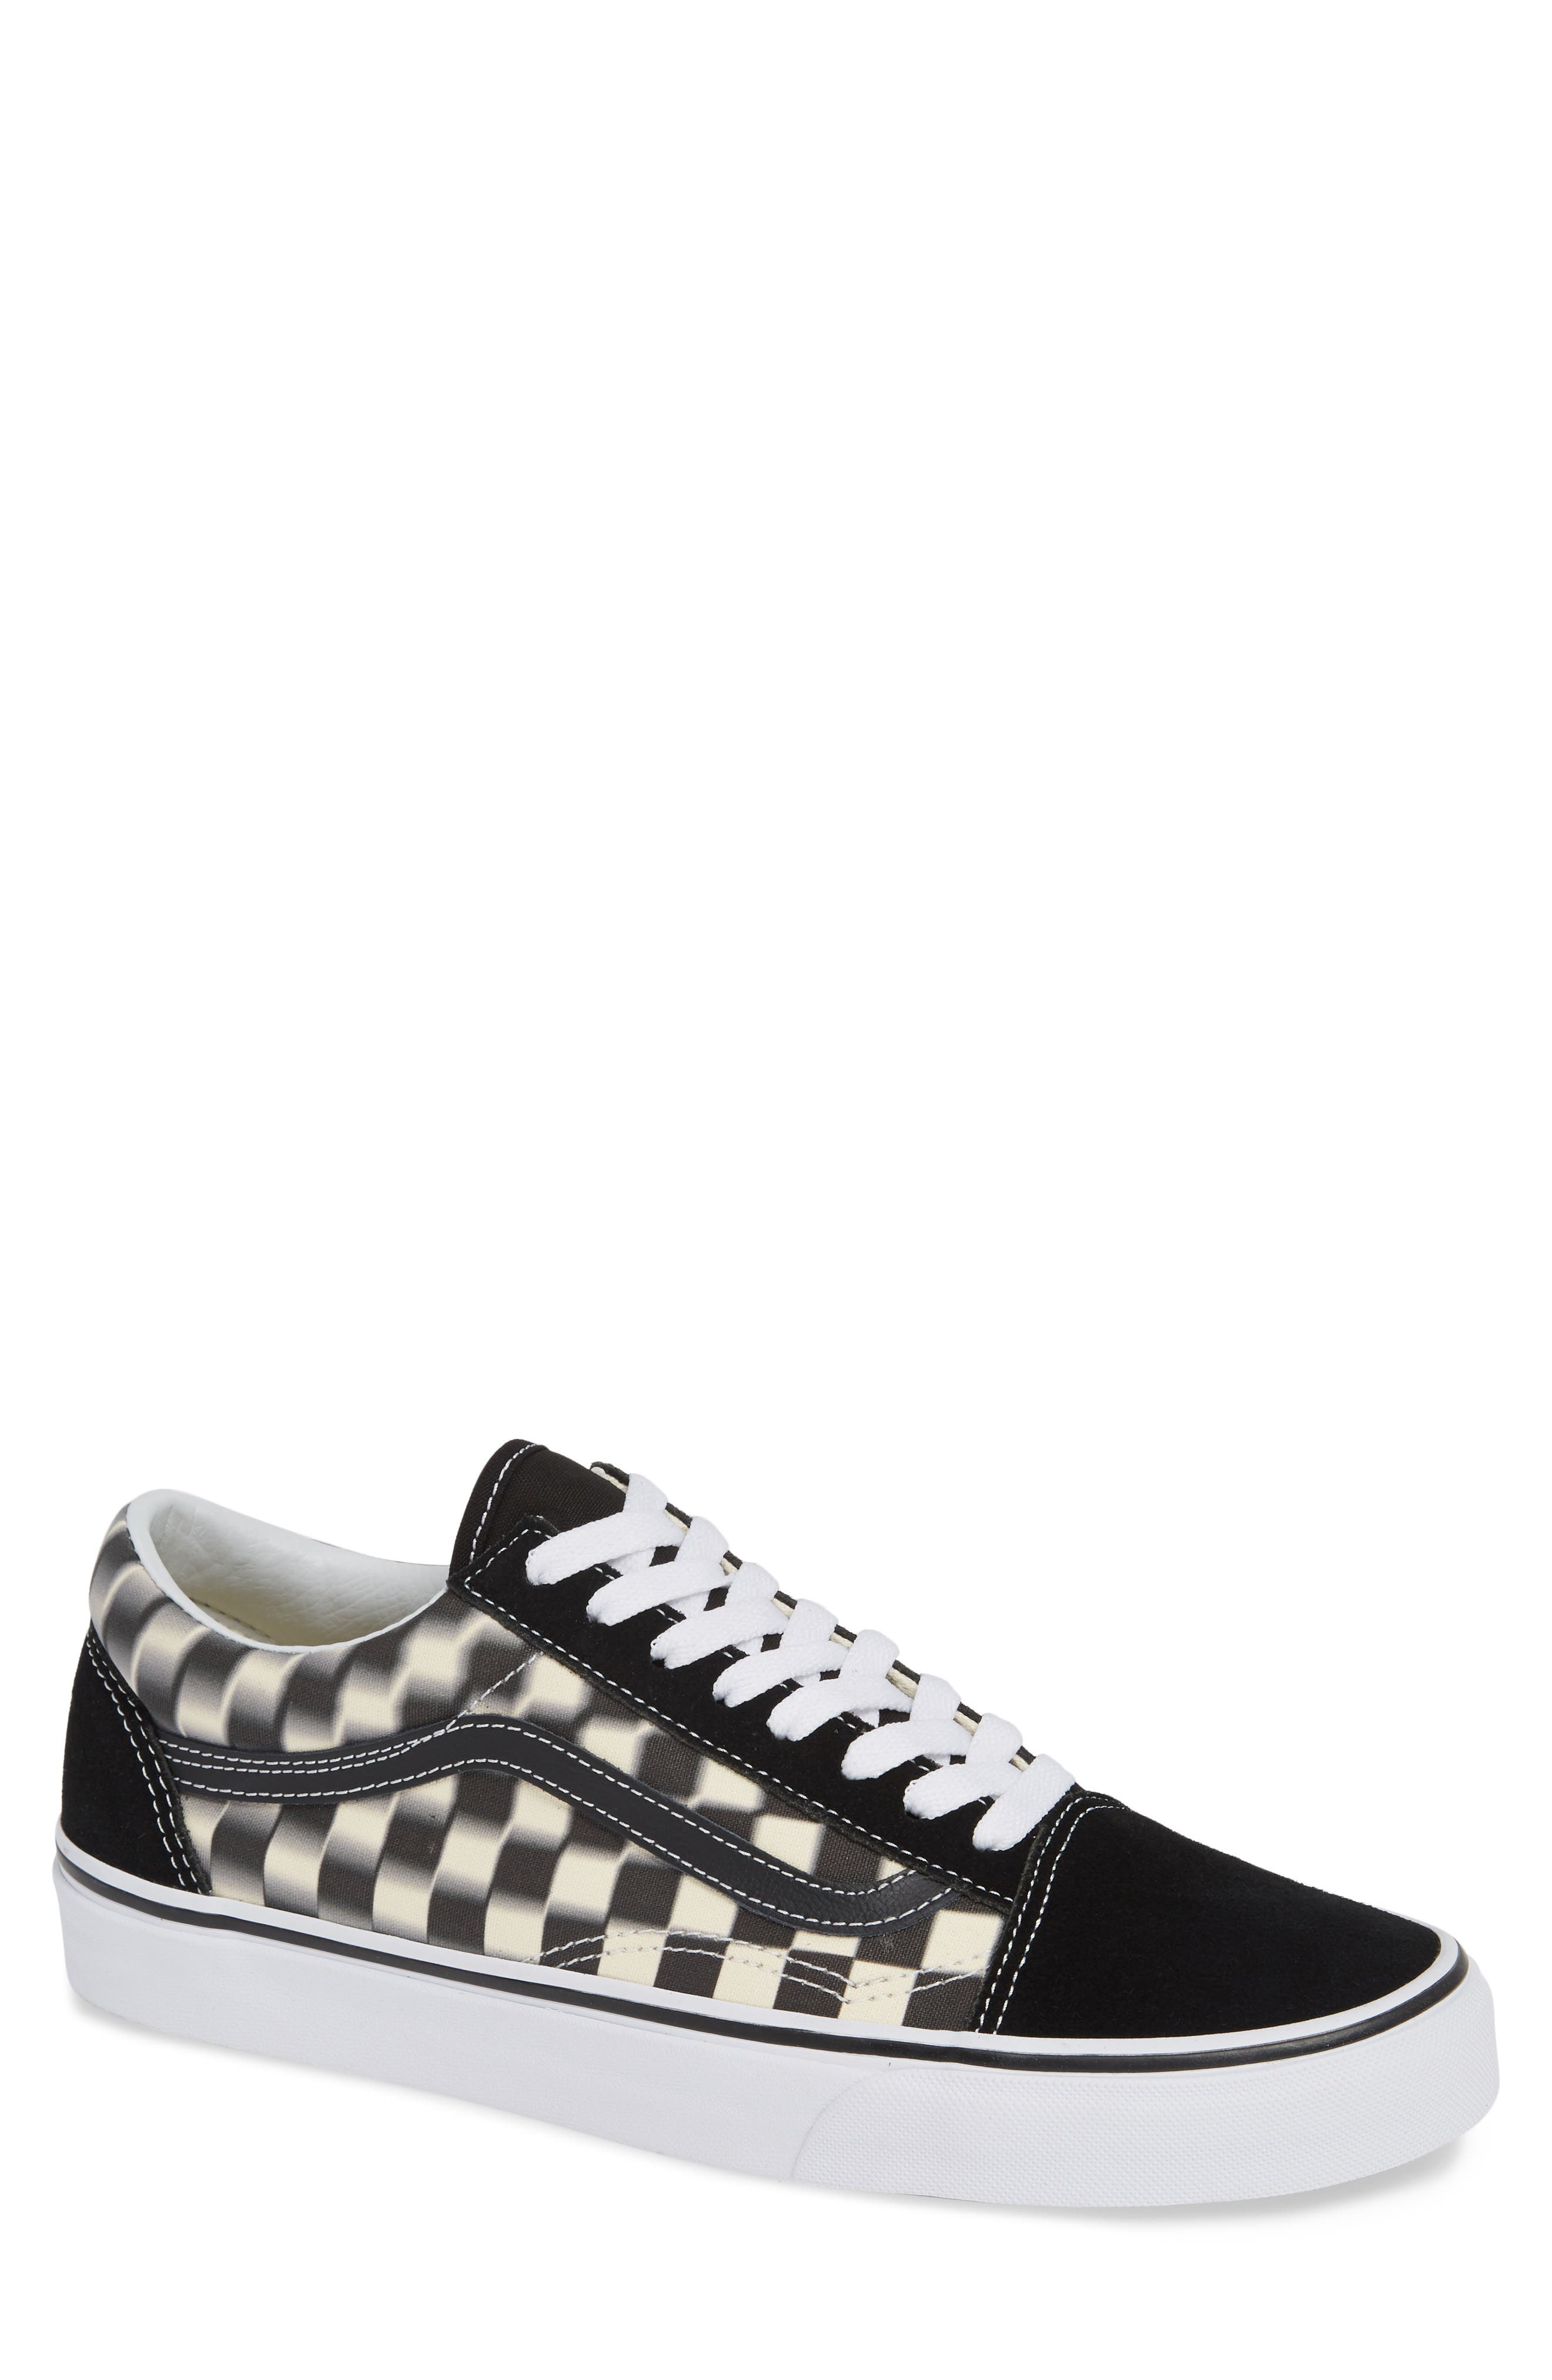 Old Skool Sneaker,                             Main thumbnail 1, color,                             005